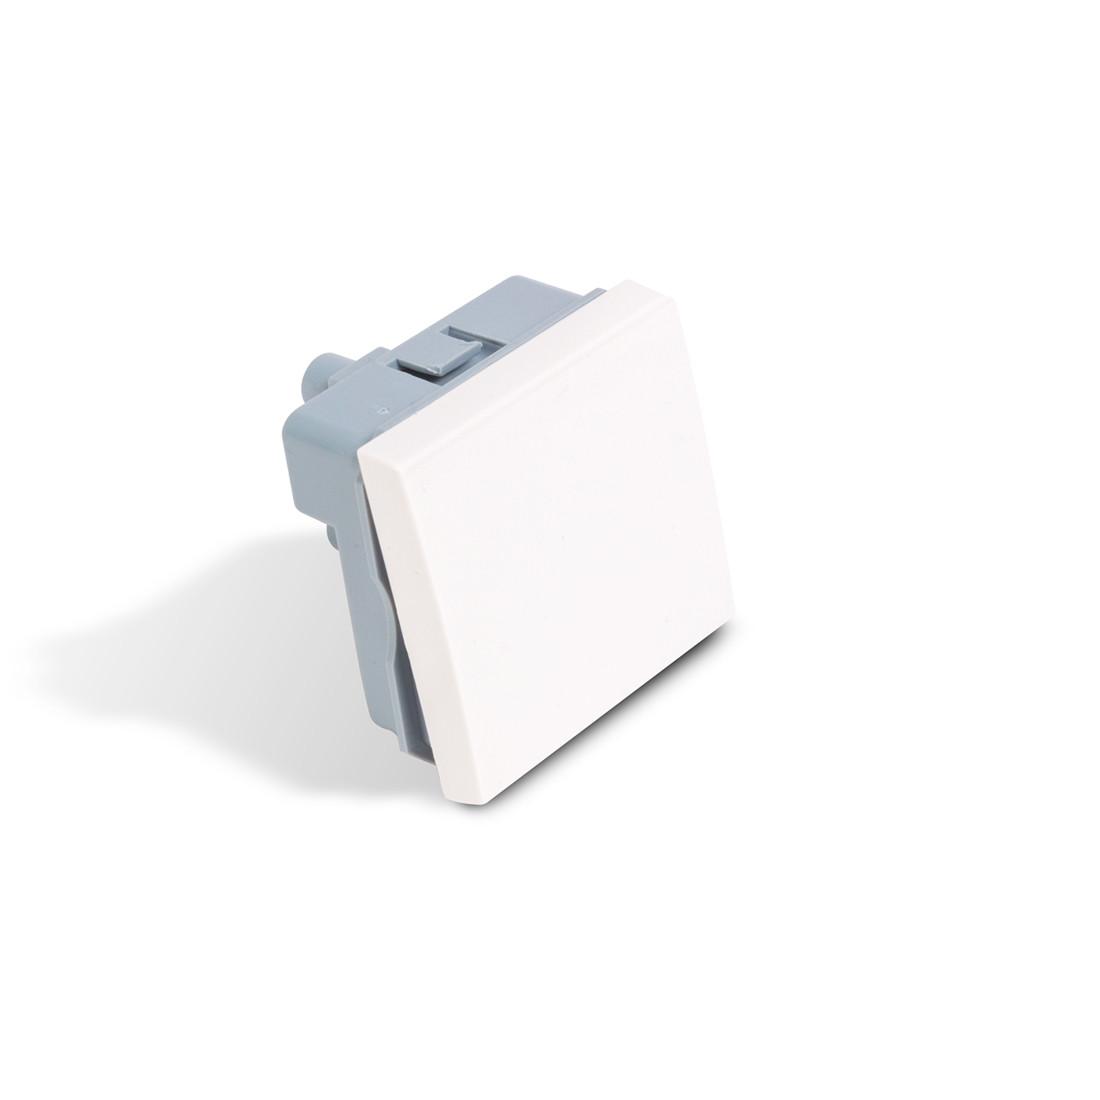 Выключатель модульный одноклавишный Рувинил АДЛ 13-904 45х45 мм белый